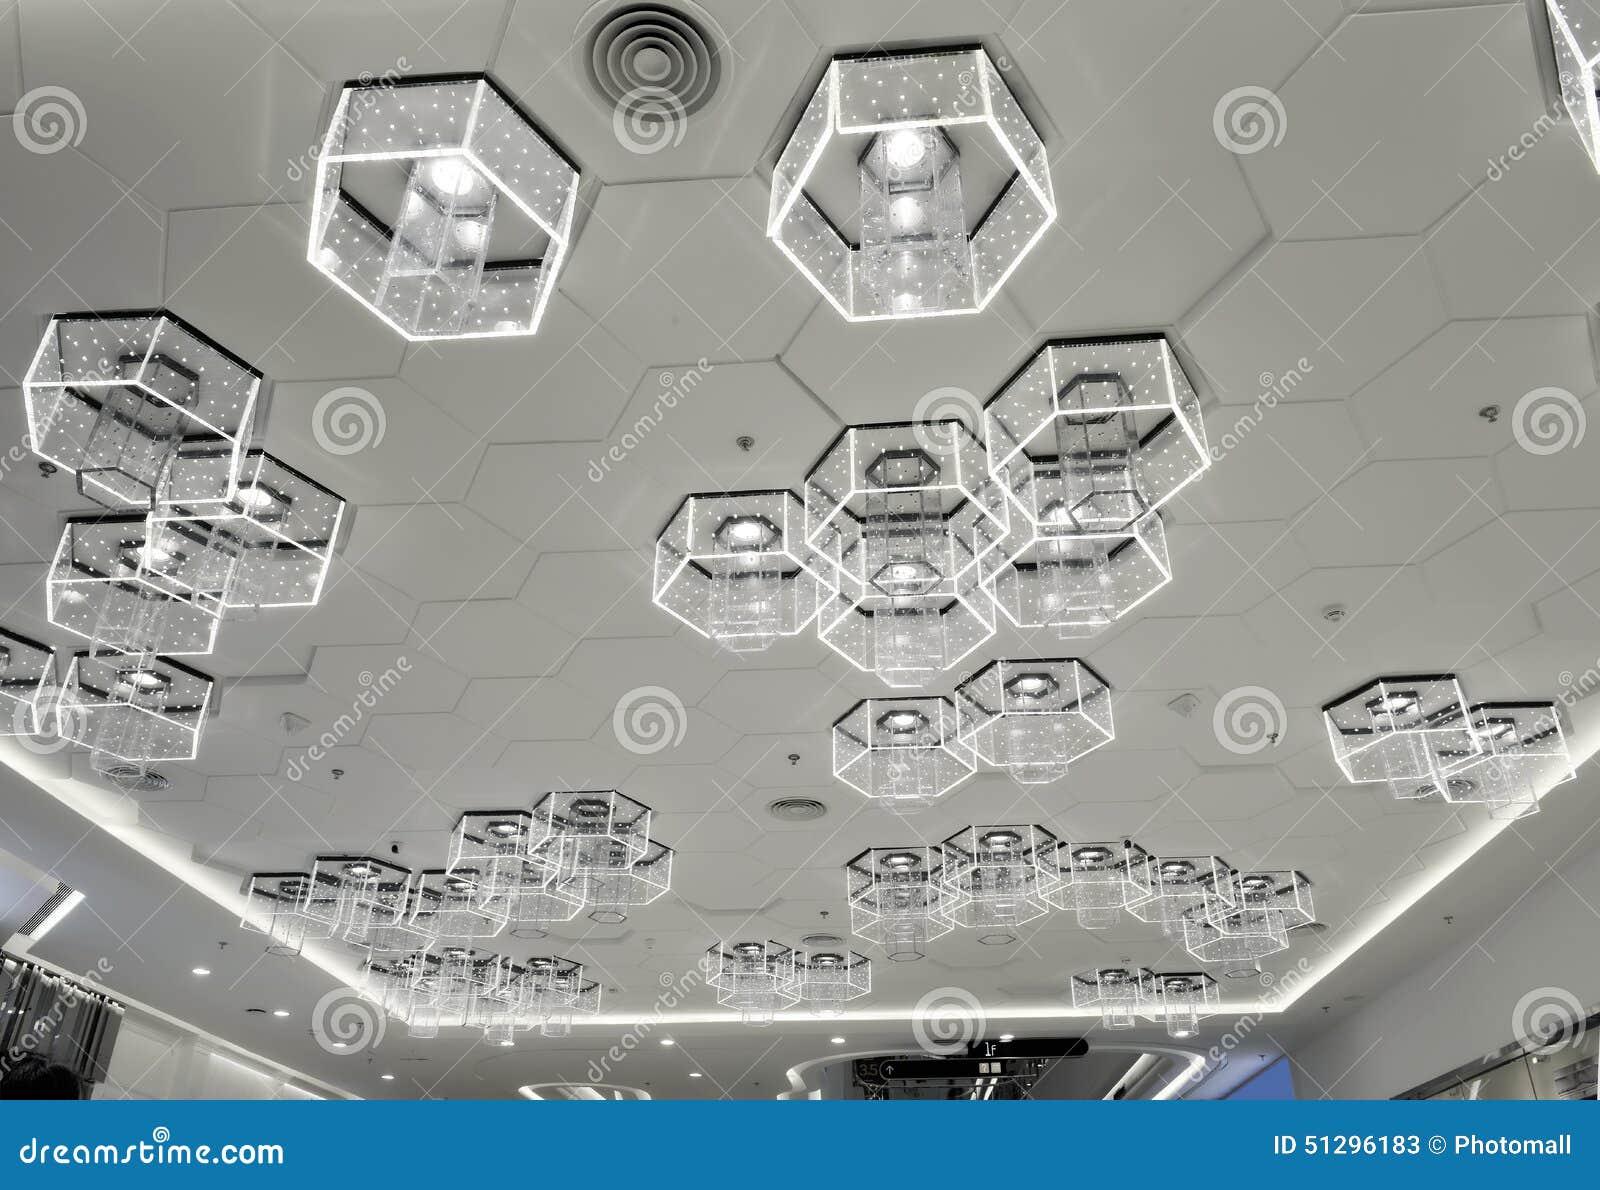 Nouveau type d éclairage cellulaire de LED utilisé dans le bâtiment commercial moderne